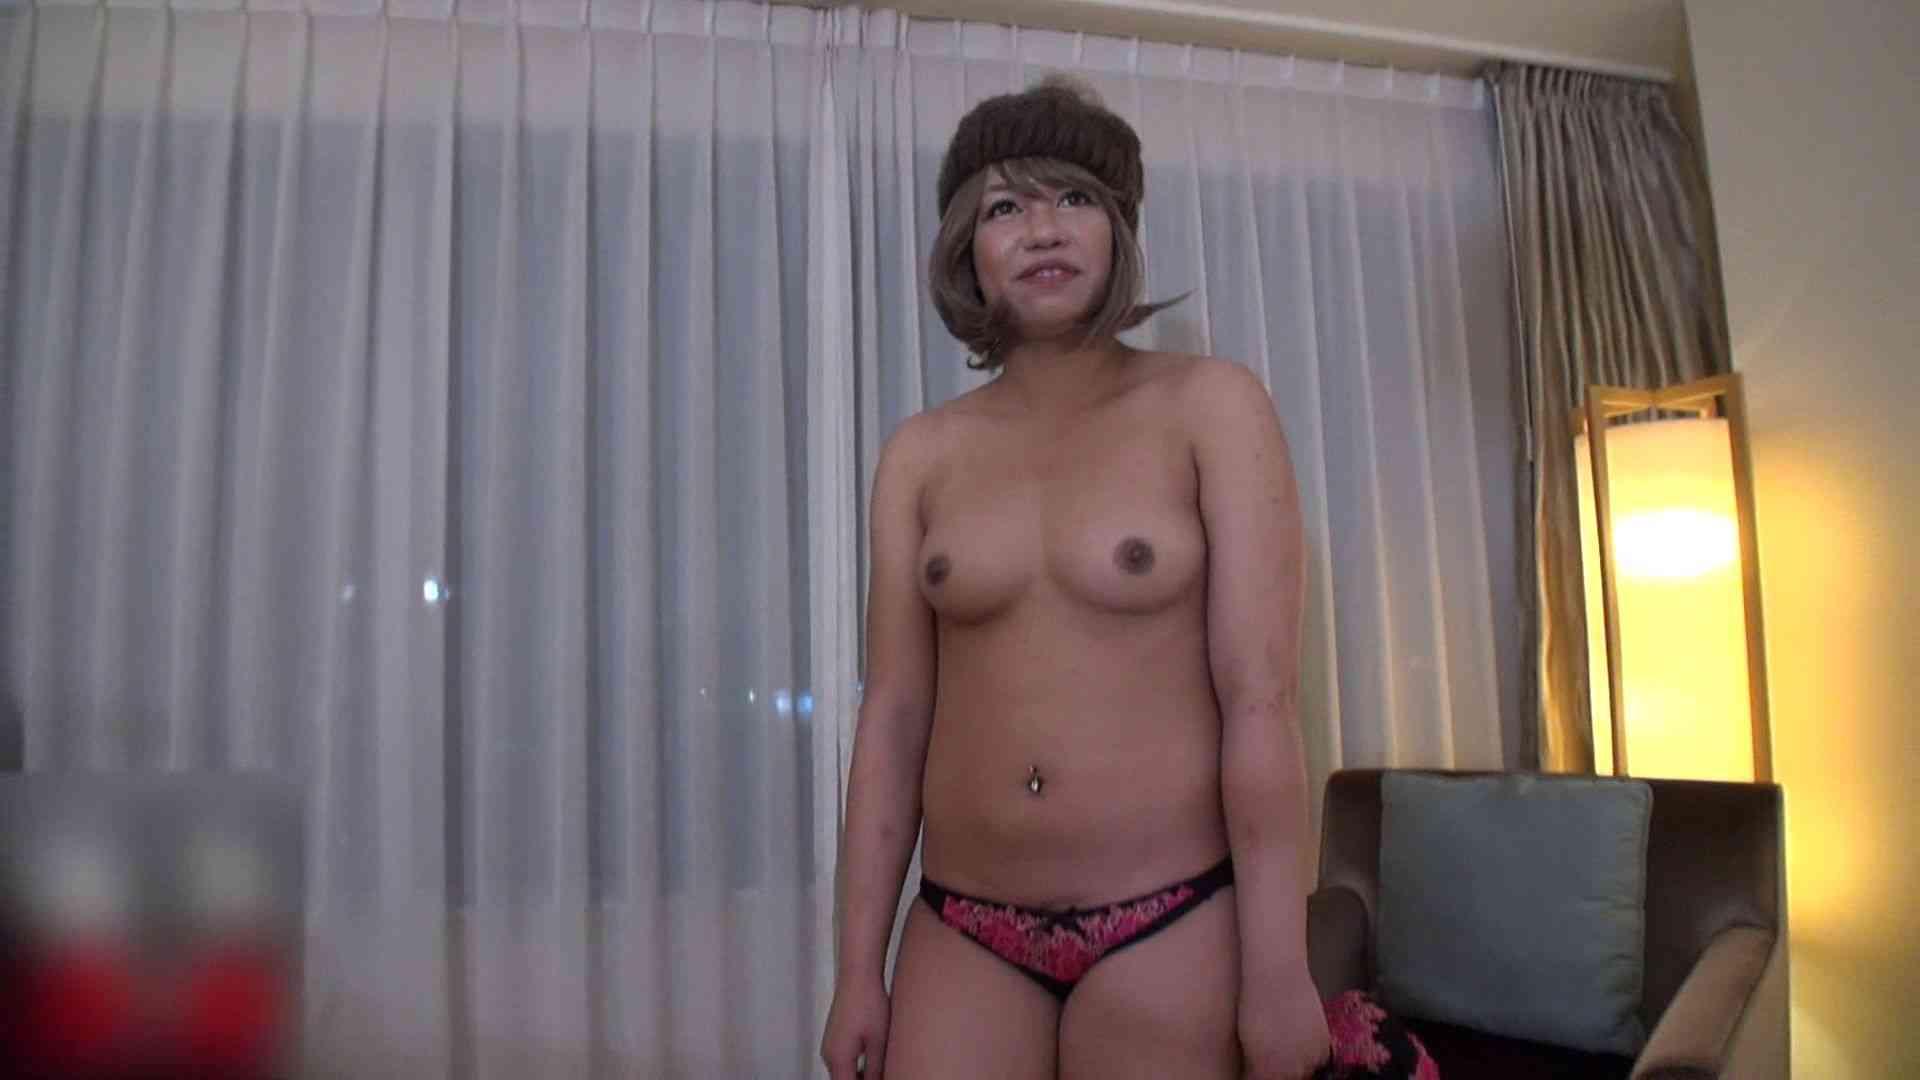 S級厳選美女ビッチガールVol.42 前編 美女丸裸 われめAV動画紹介 104pic 93